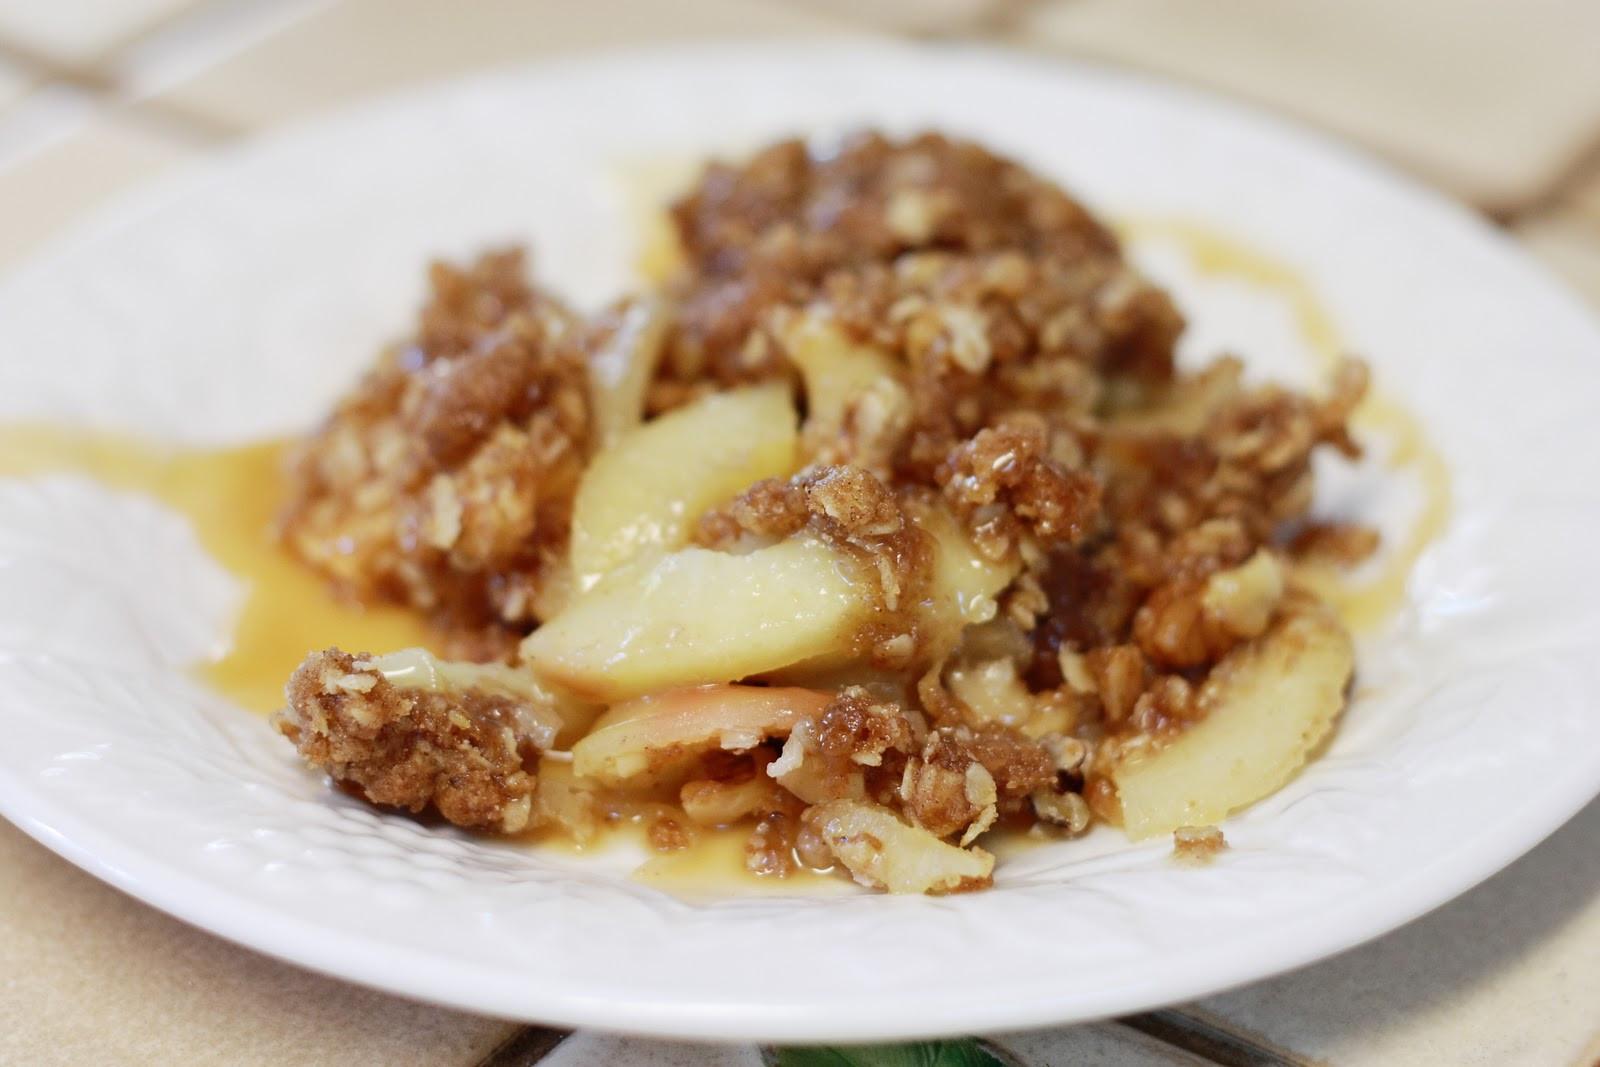 Apple Crisp Dessert  Gluten Free & Vegan Apple Crisp Dessert